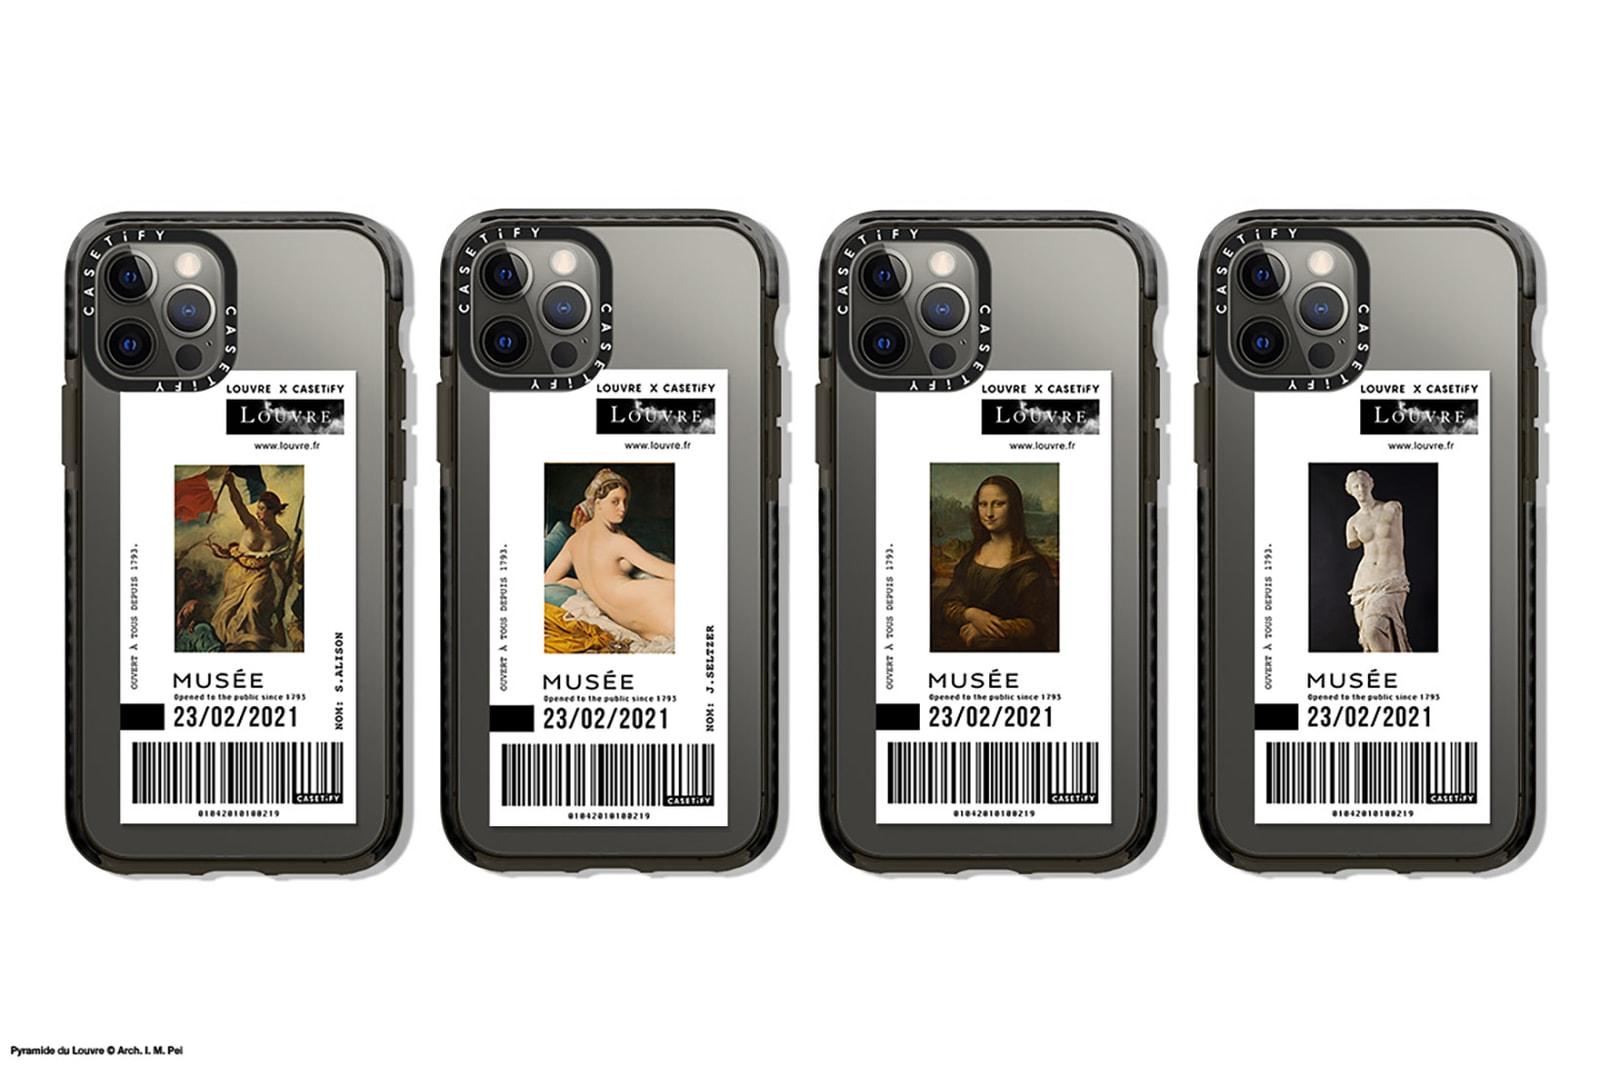 casetify musee du louvre collaboration cases apple iphone paris